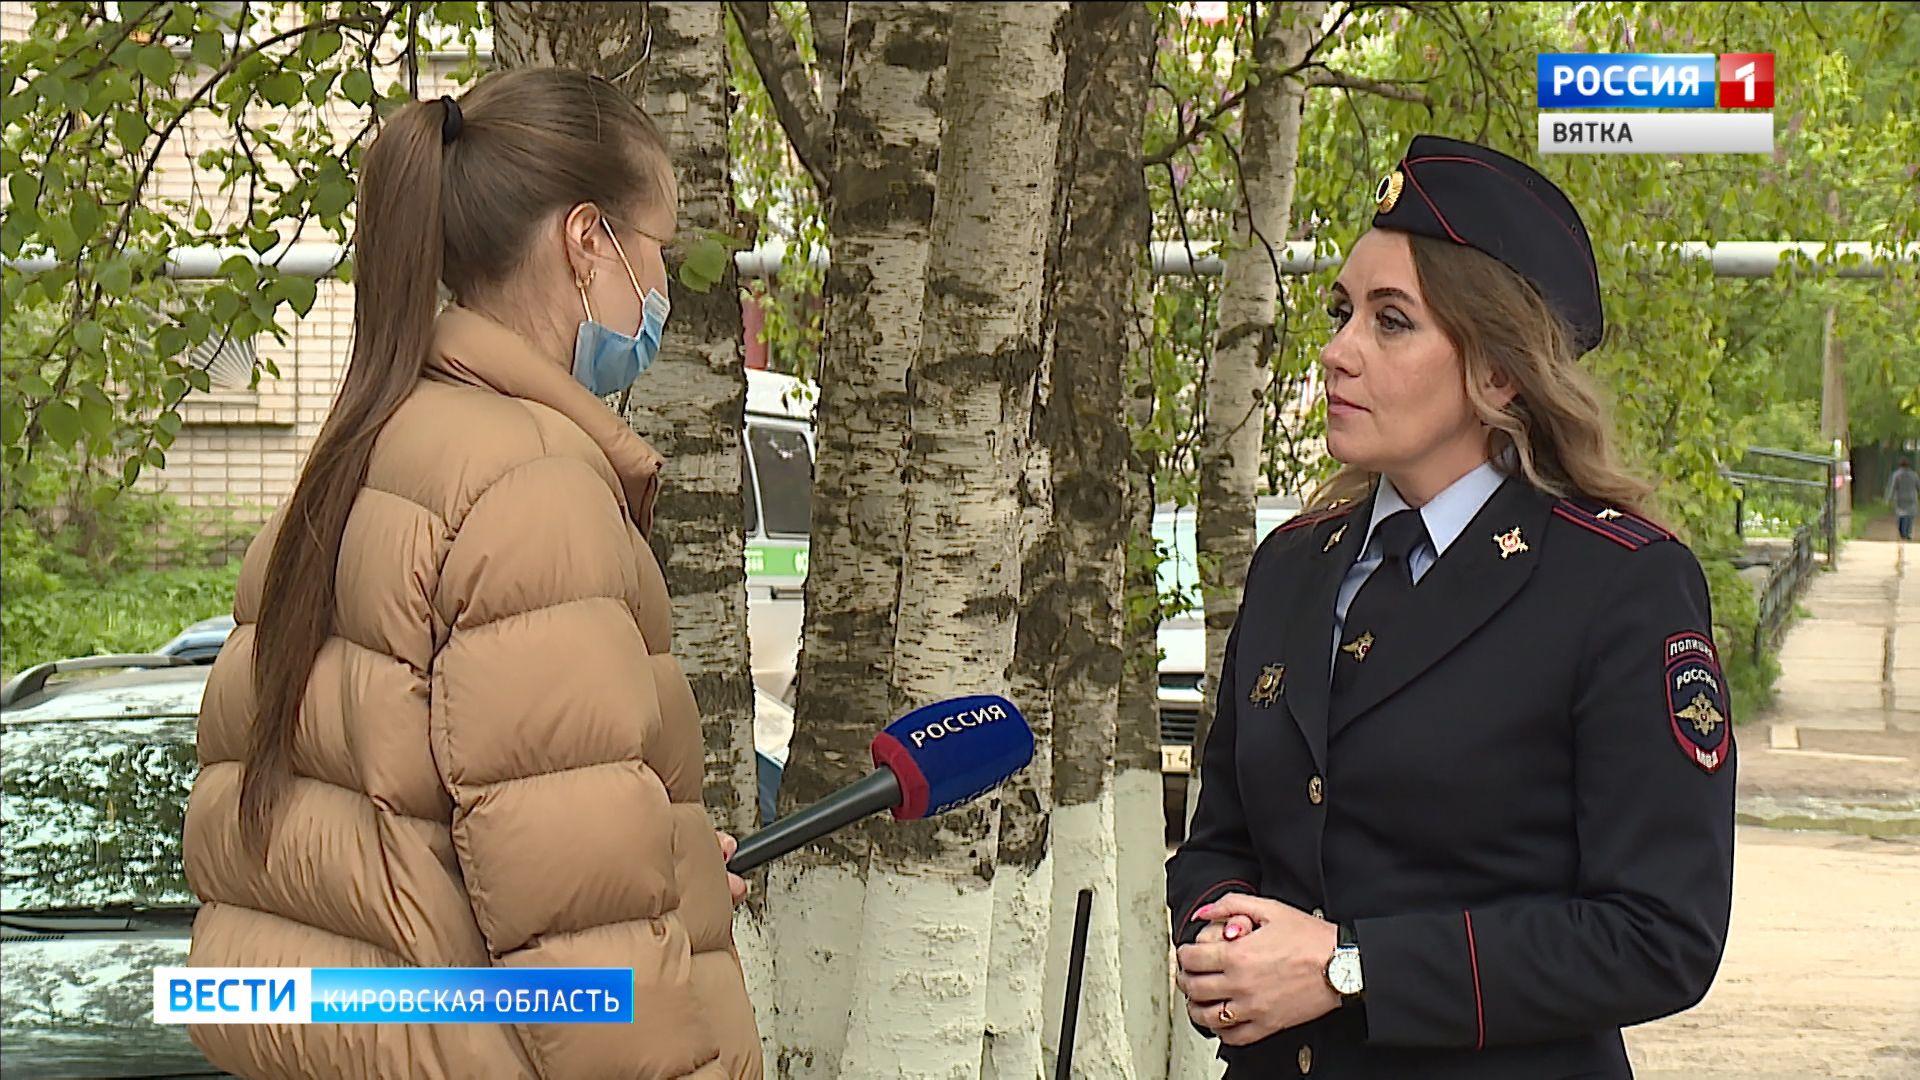 Работа в полиции для девушек в кирове вакансии в новосибирске работа для девушек в